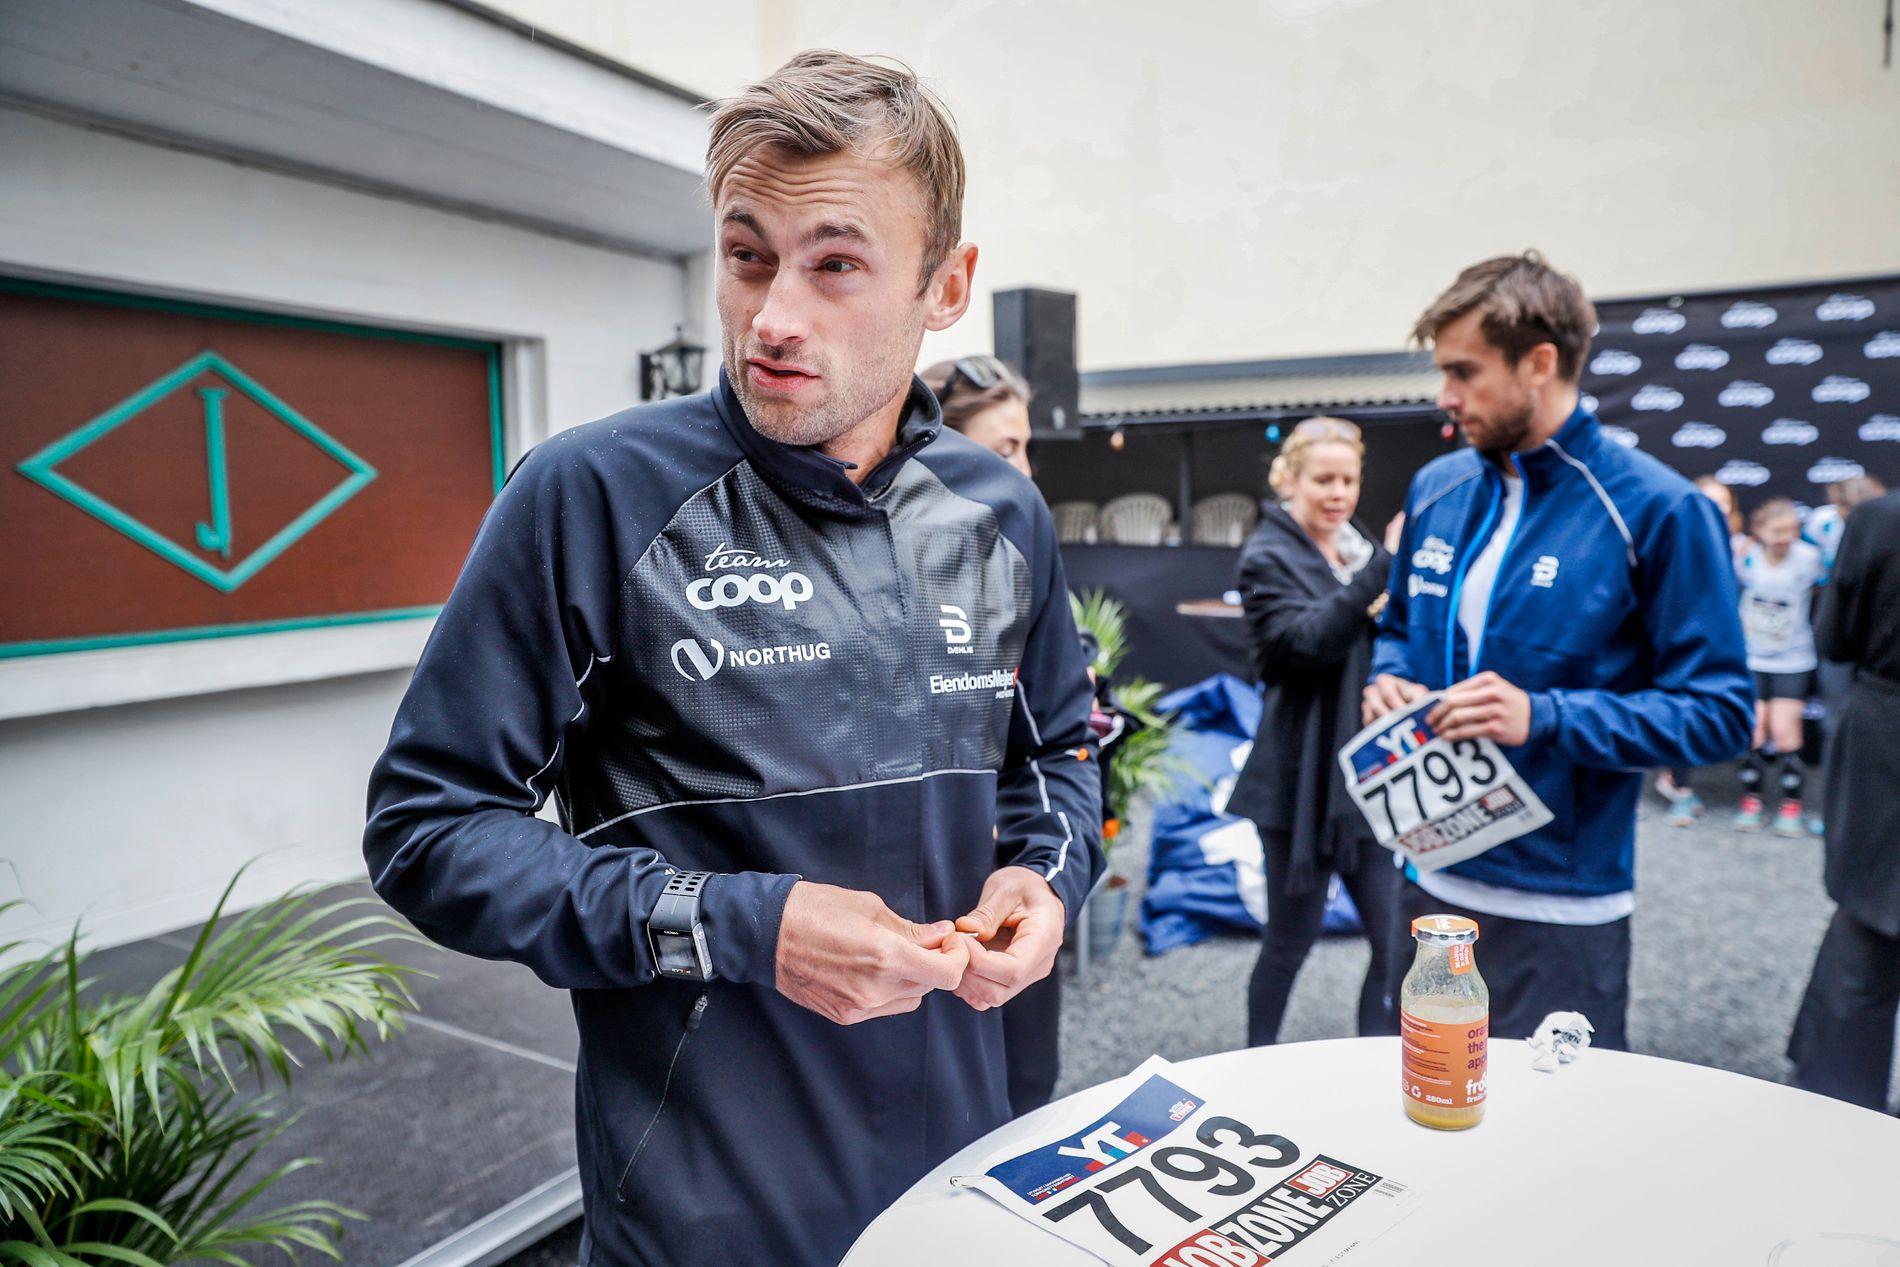 STILTE OPP FOR SPONSOREN: Petter Northug, her sammen med broren Tomas fra et Coop-event etter Holmenkollstafetten i 2017.